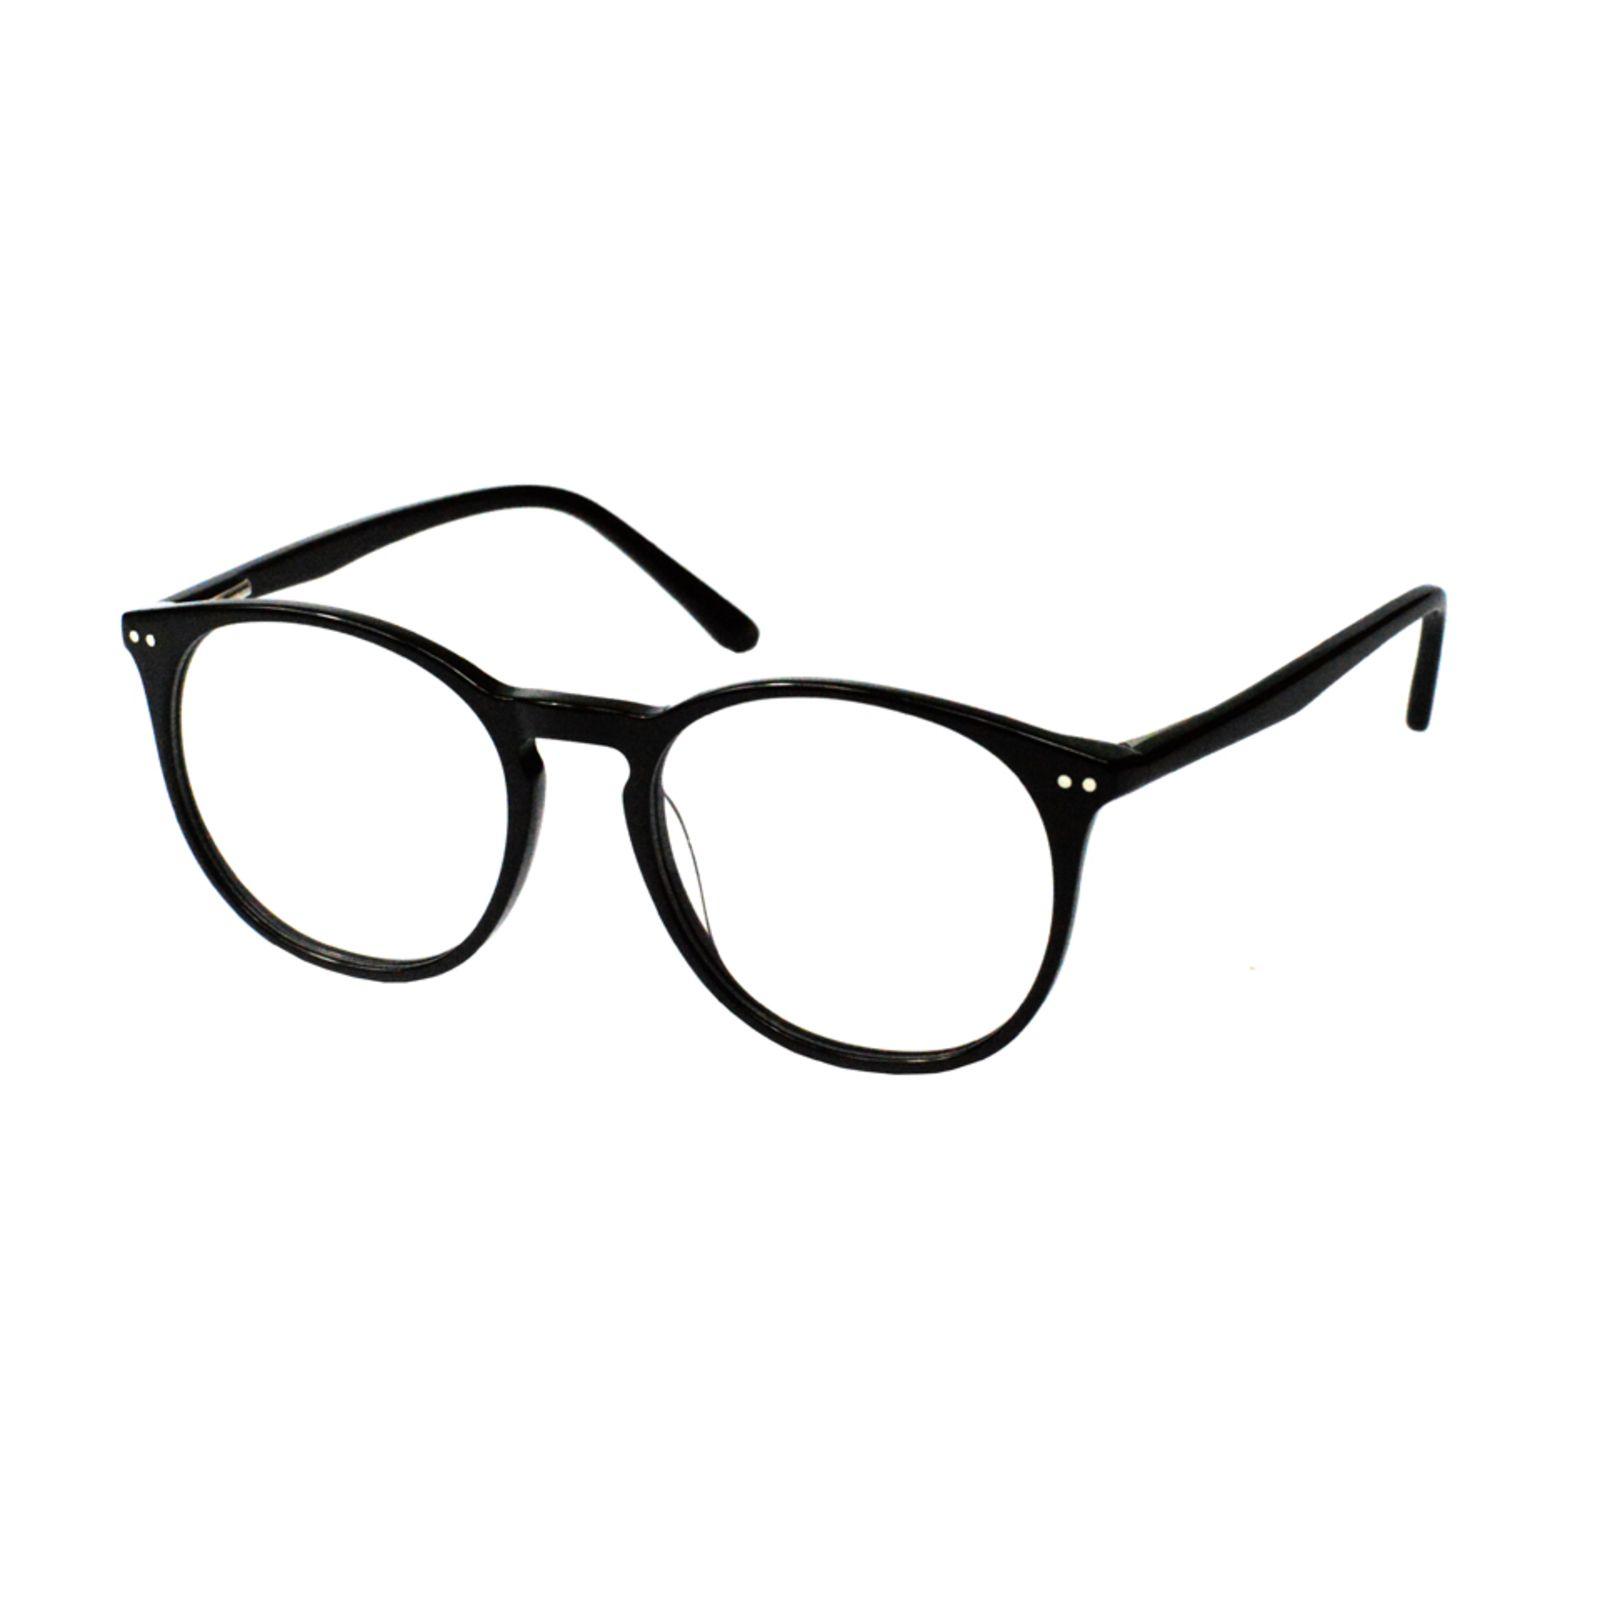 Oculos Armacao Grau Redondo Retro Isabela Dias 2104 Em 2020